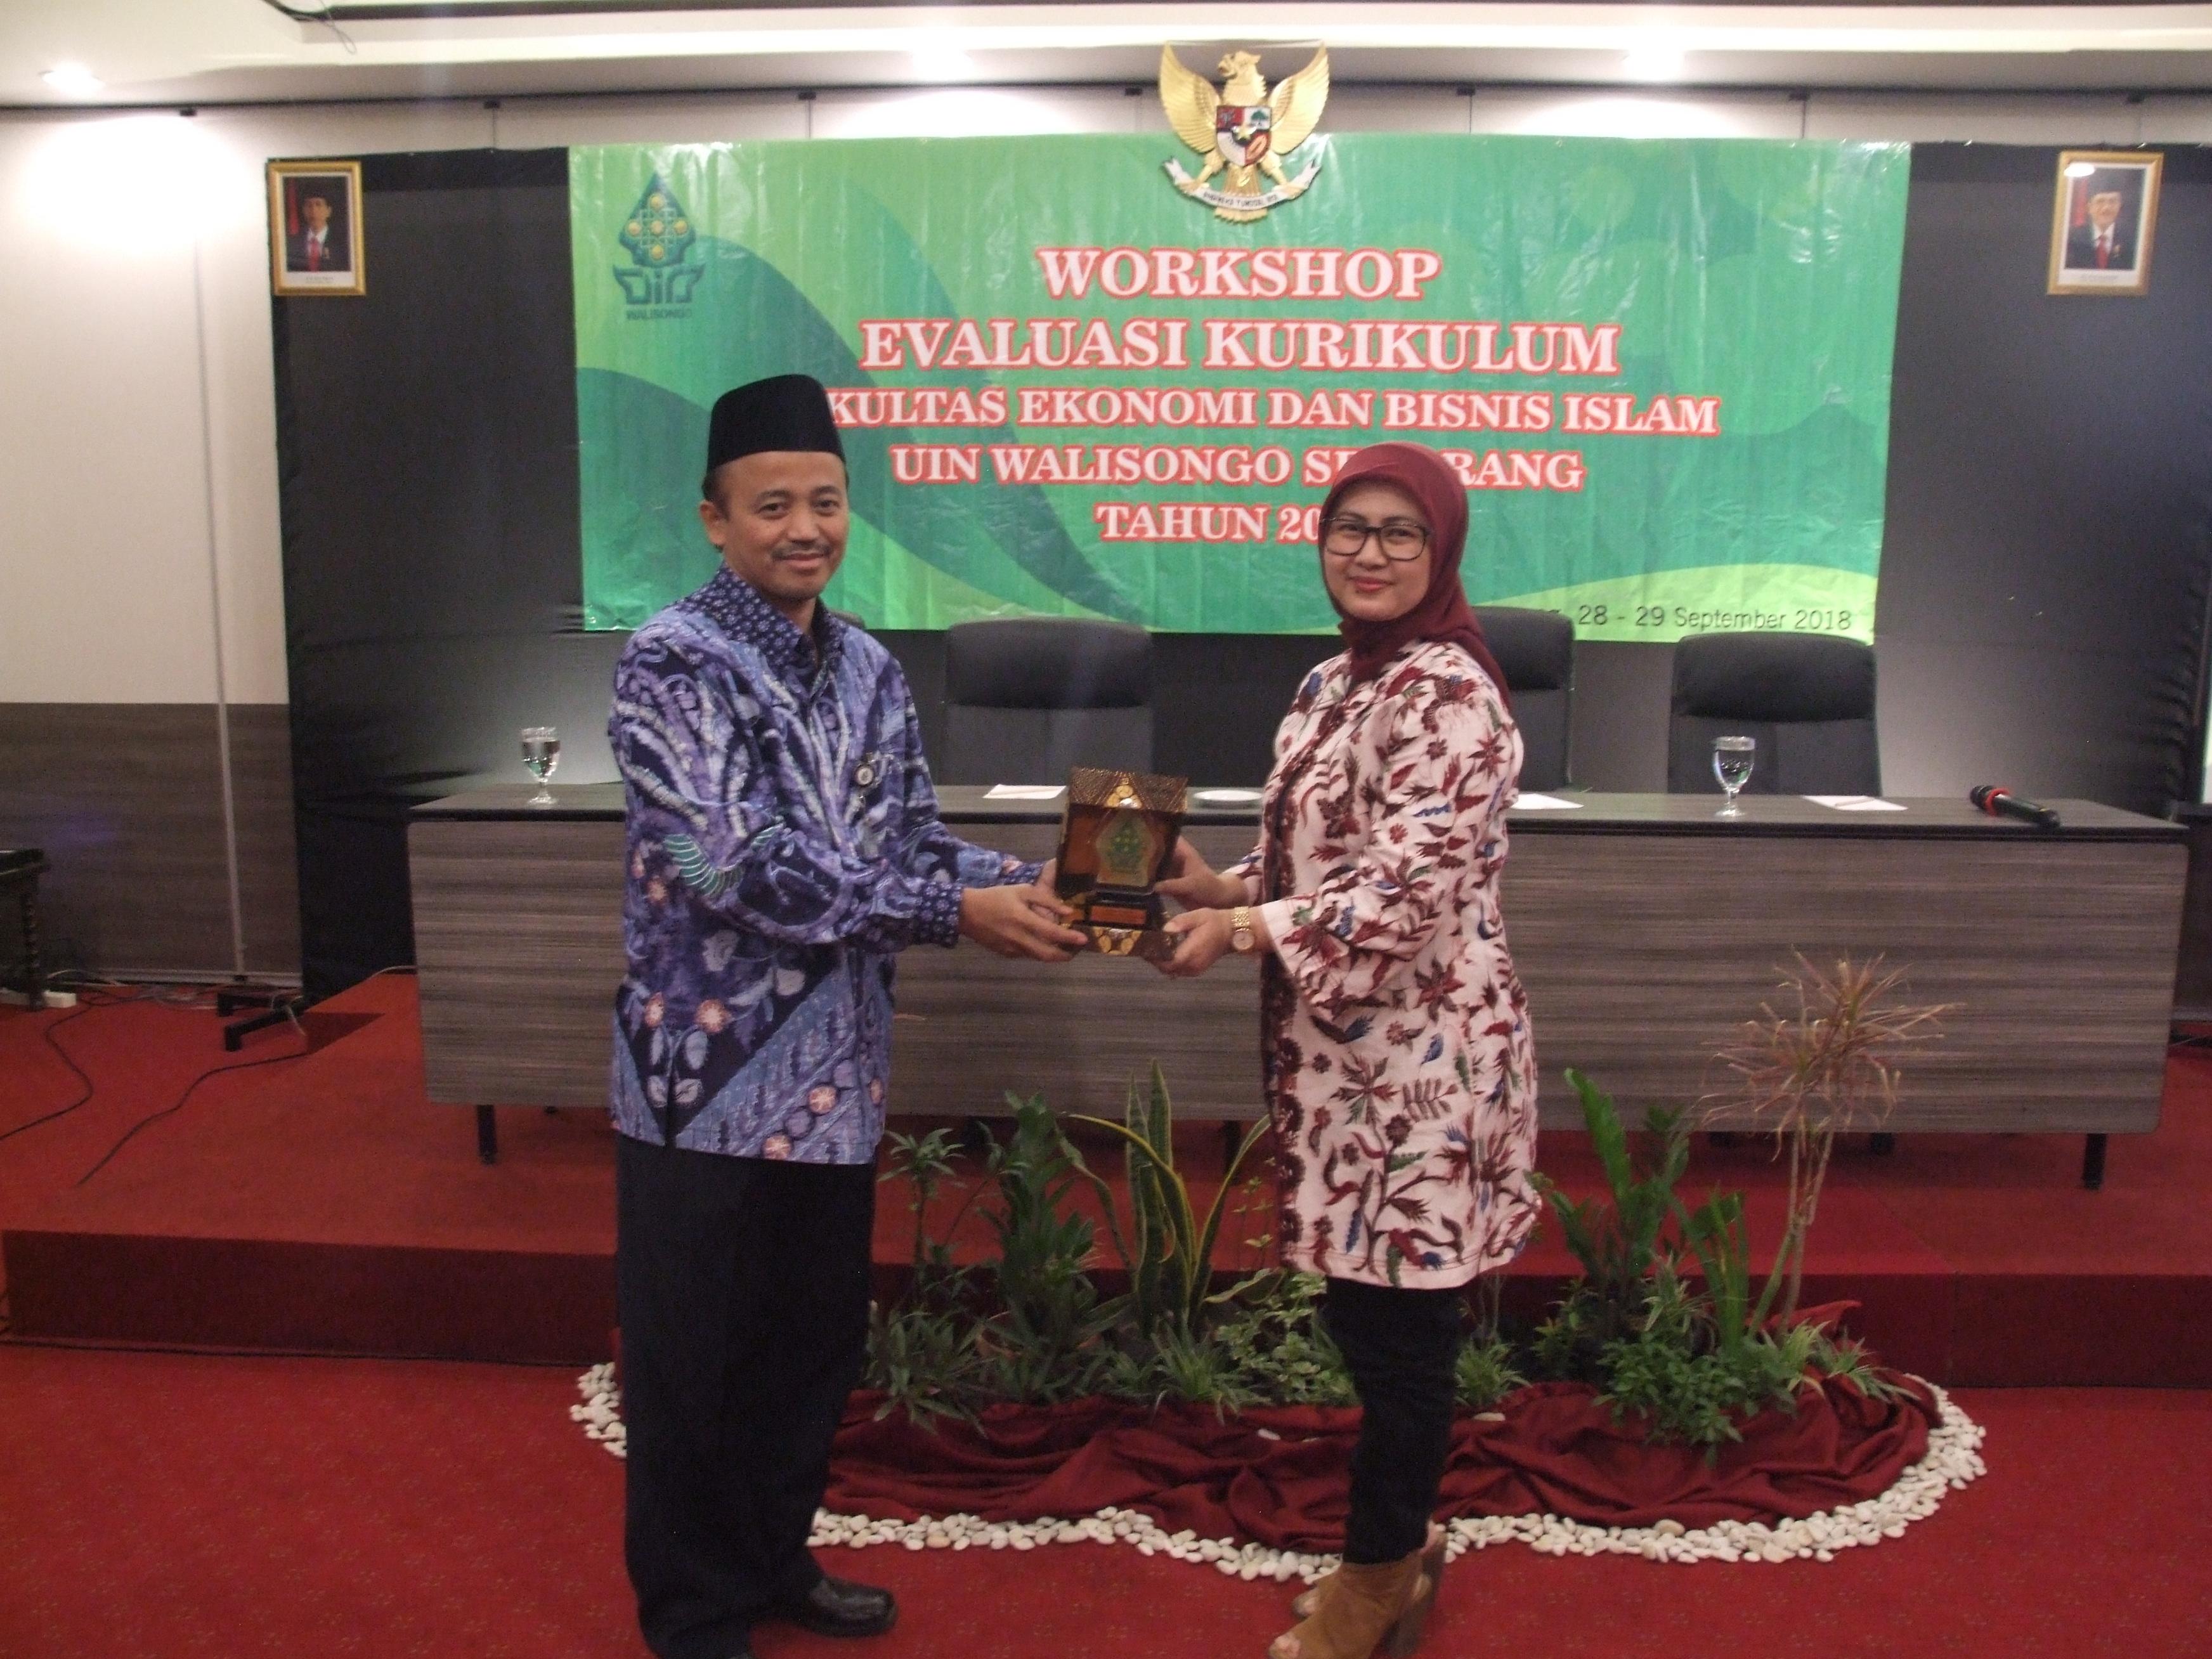 Fakultas Ekonomi Dan Bisnis Islam Selenggarakan Workshop Evaluasi Kurikulum 2018